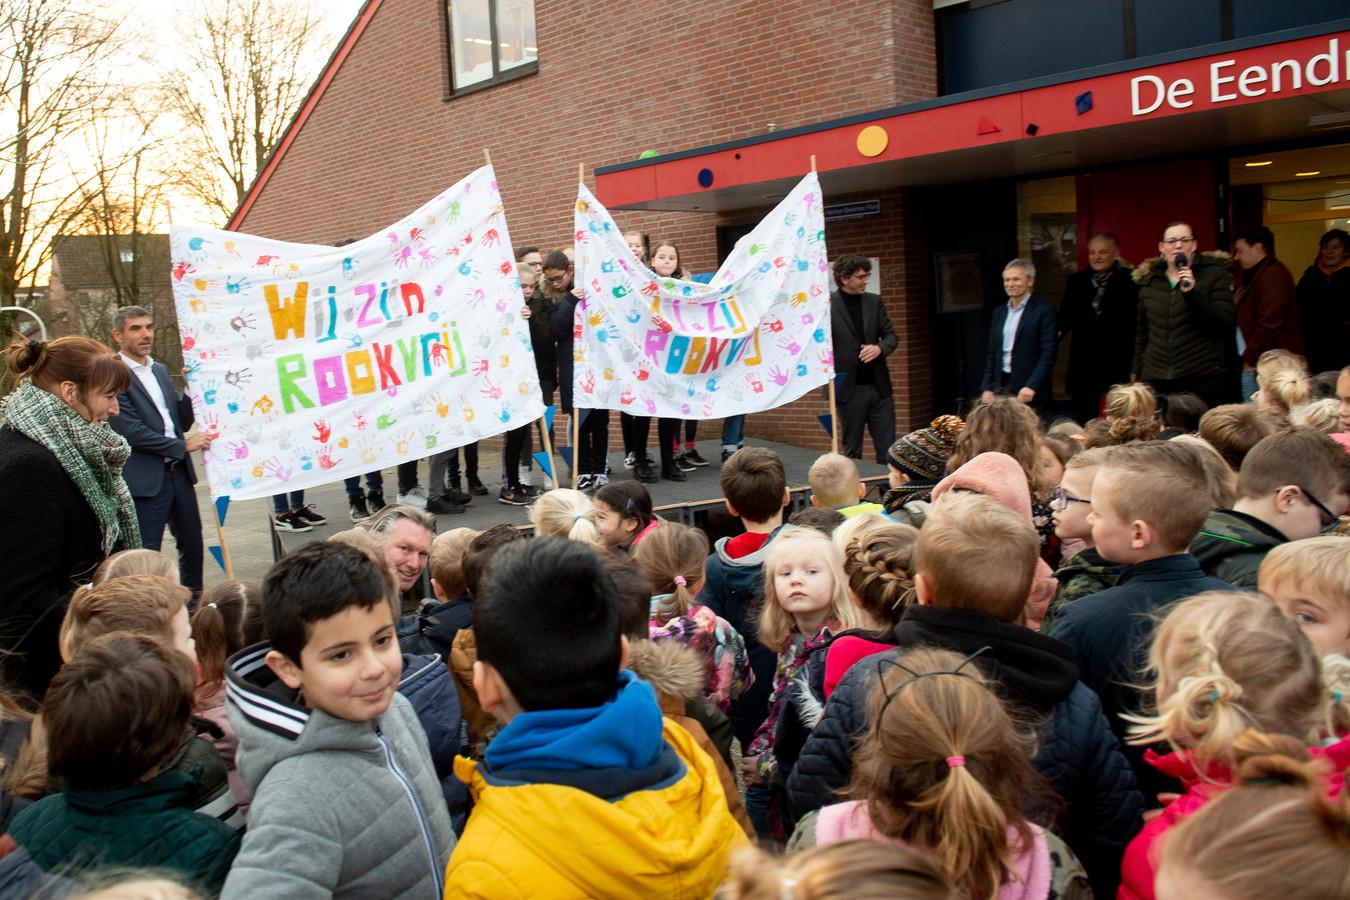 Staatssecretaris Paul Blokhuis verklaarde het schoolplein van basisschool de Eendracht begin vorig jaar al rookvrij.